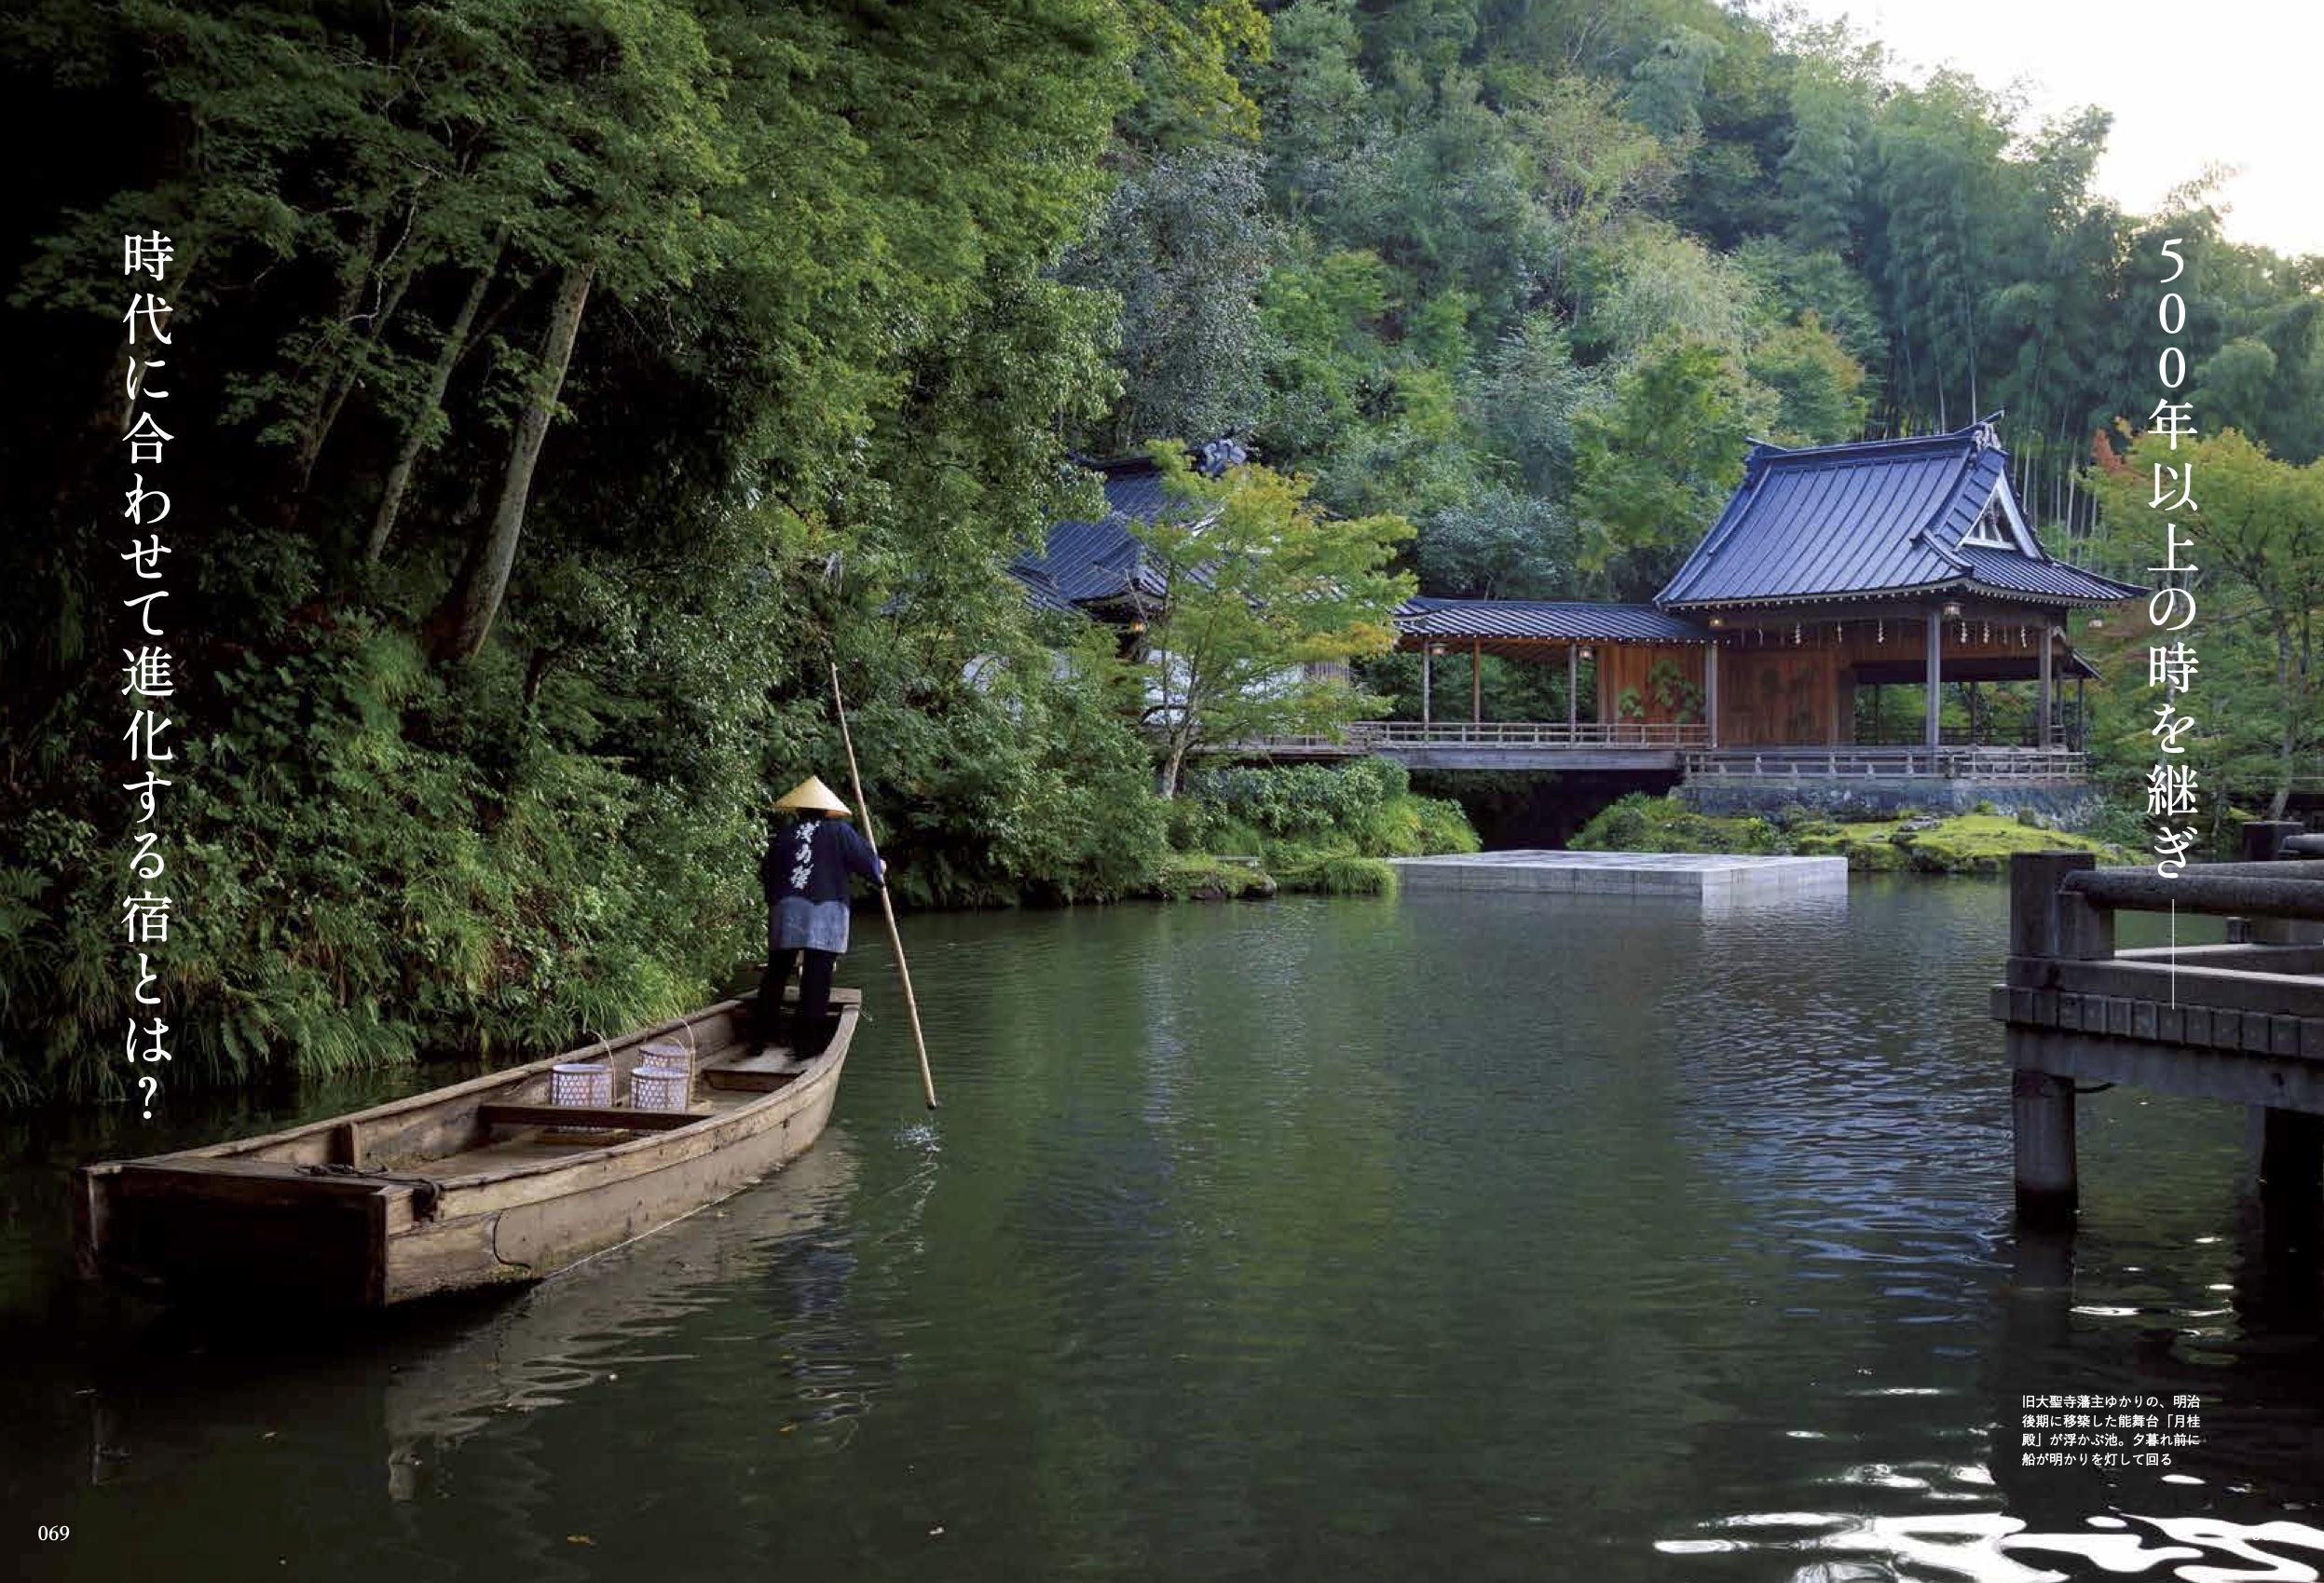 世界が憧れる日本旅館の秘密